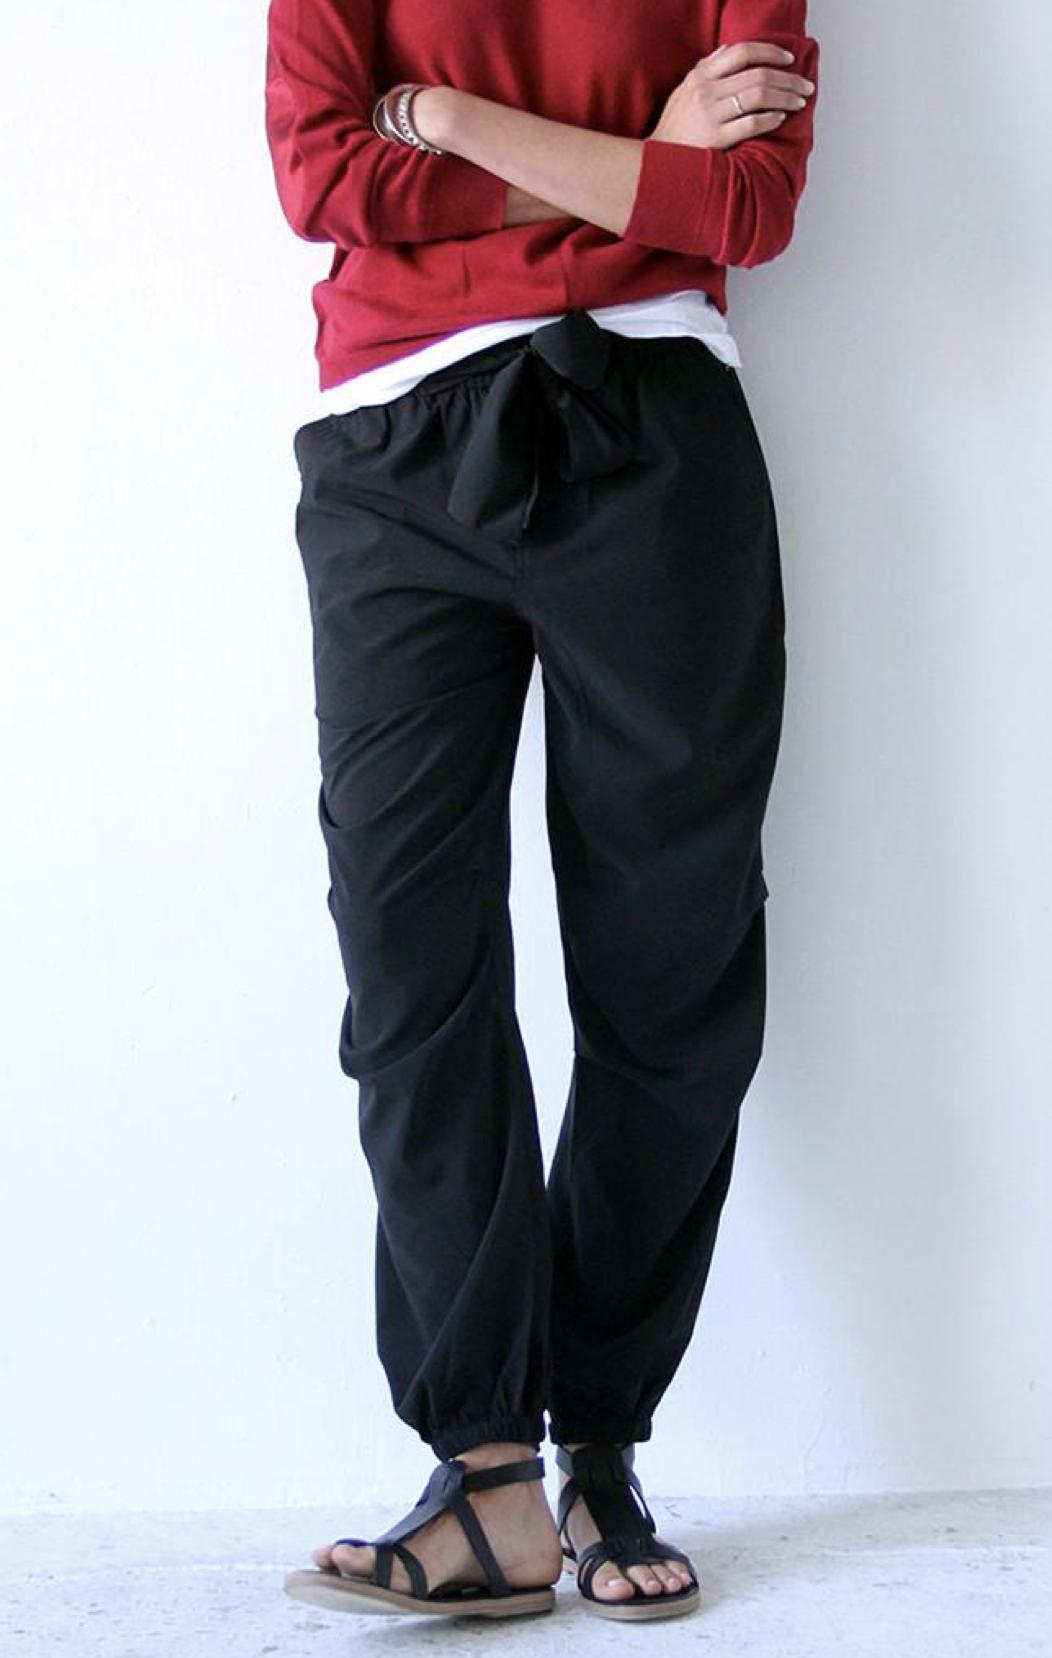 long-haul travel pants